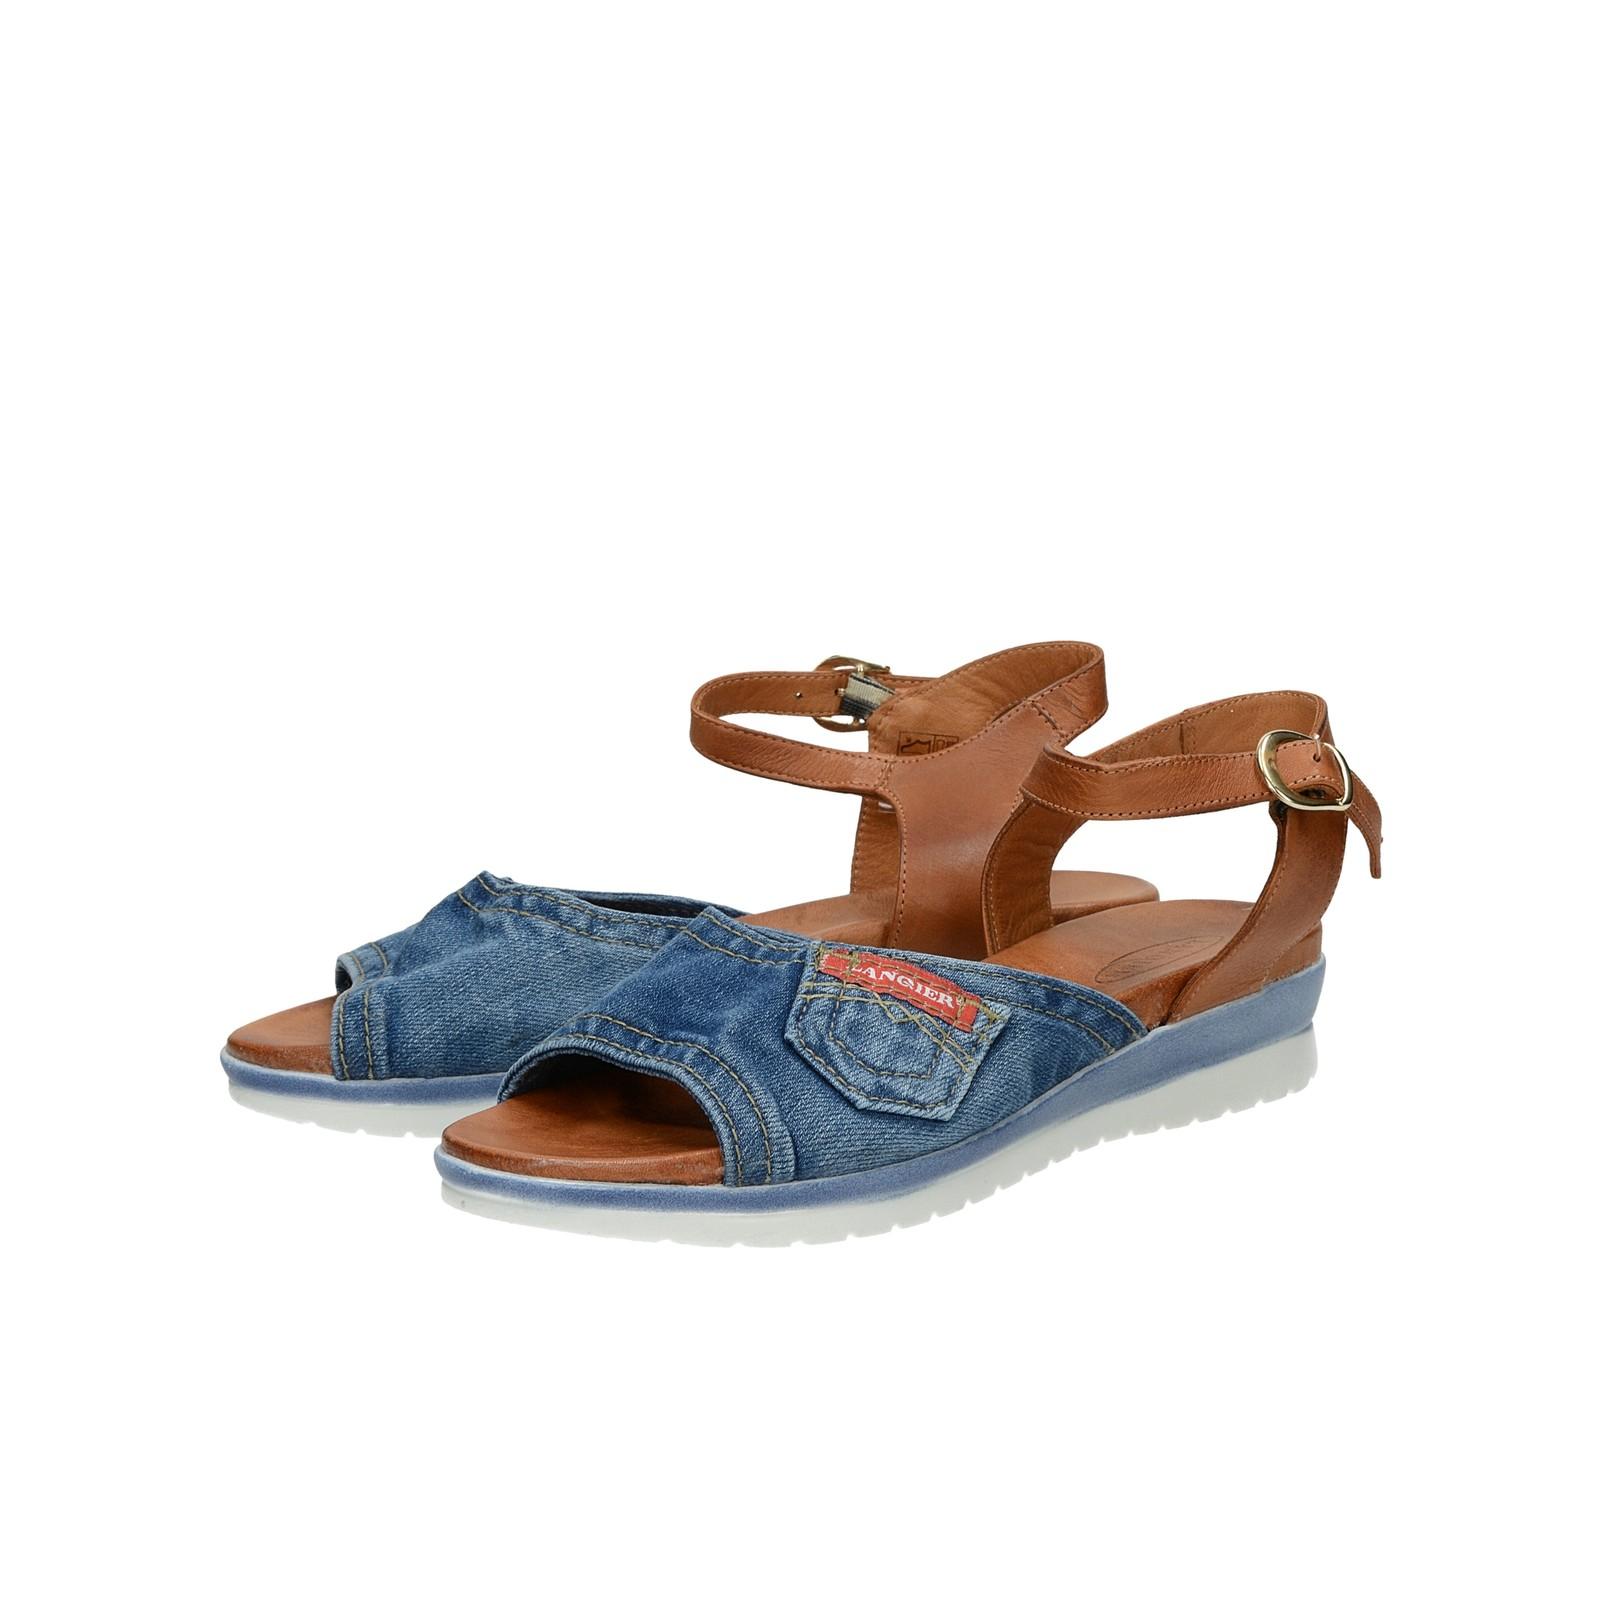 3fa2ab5e8e90 Lanqier dámske štýlové sandále s remienkom - modré ...